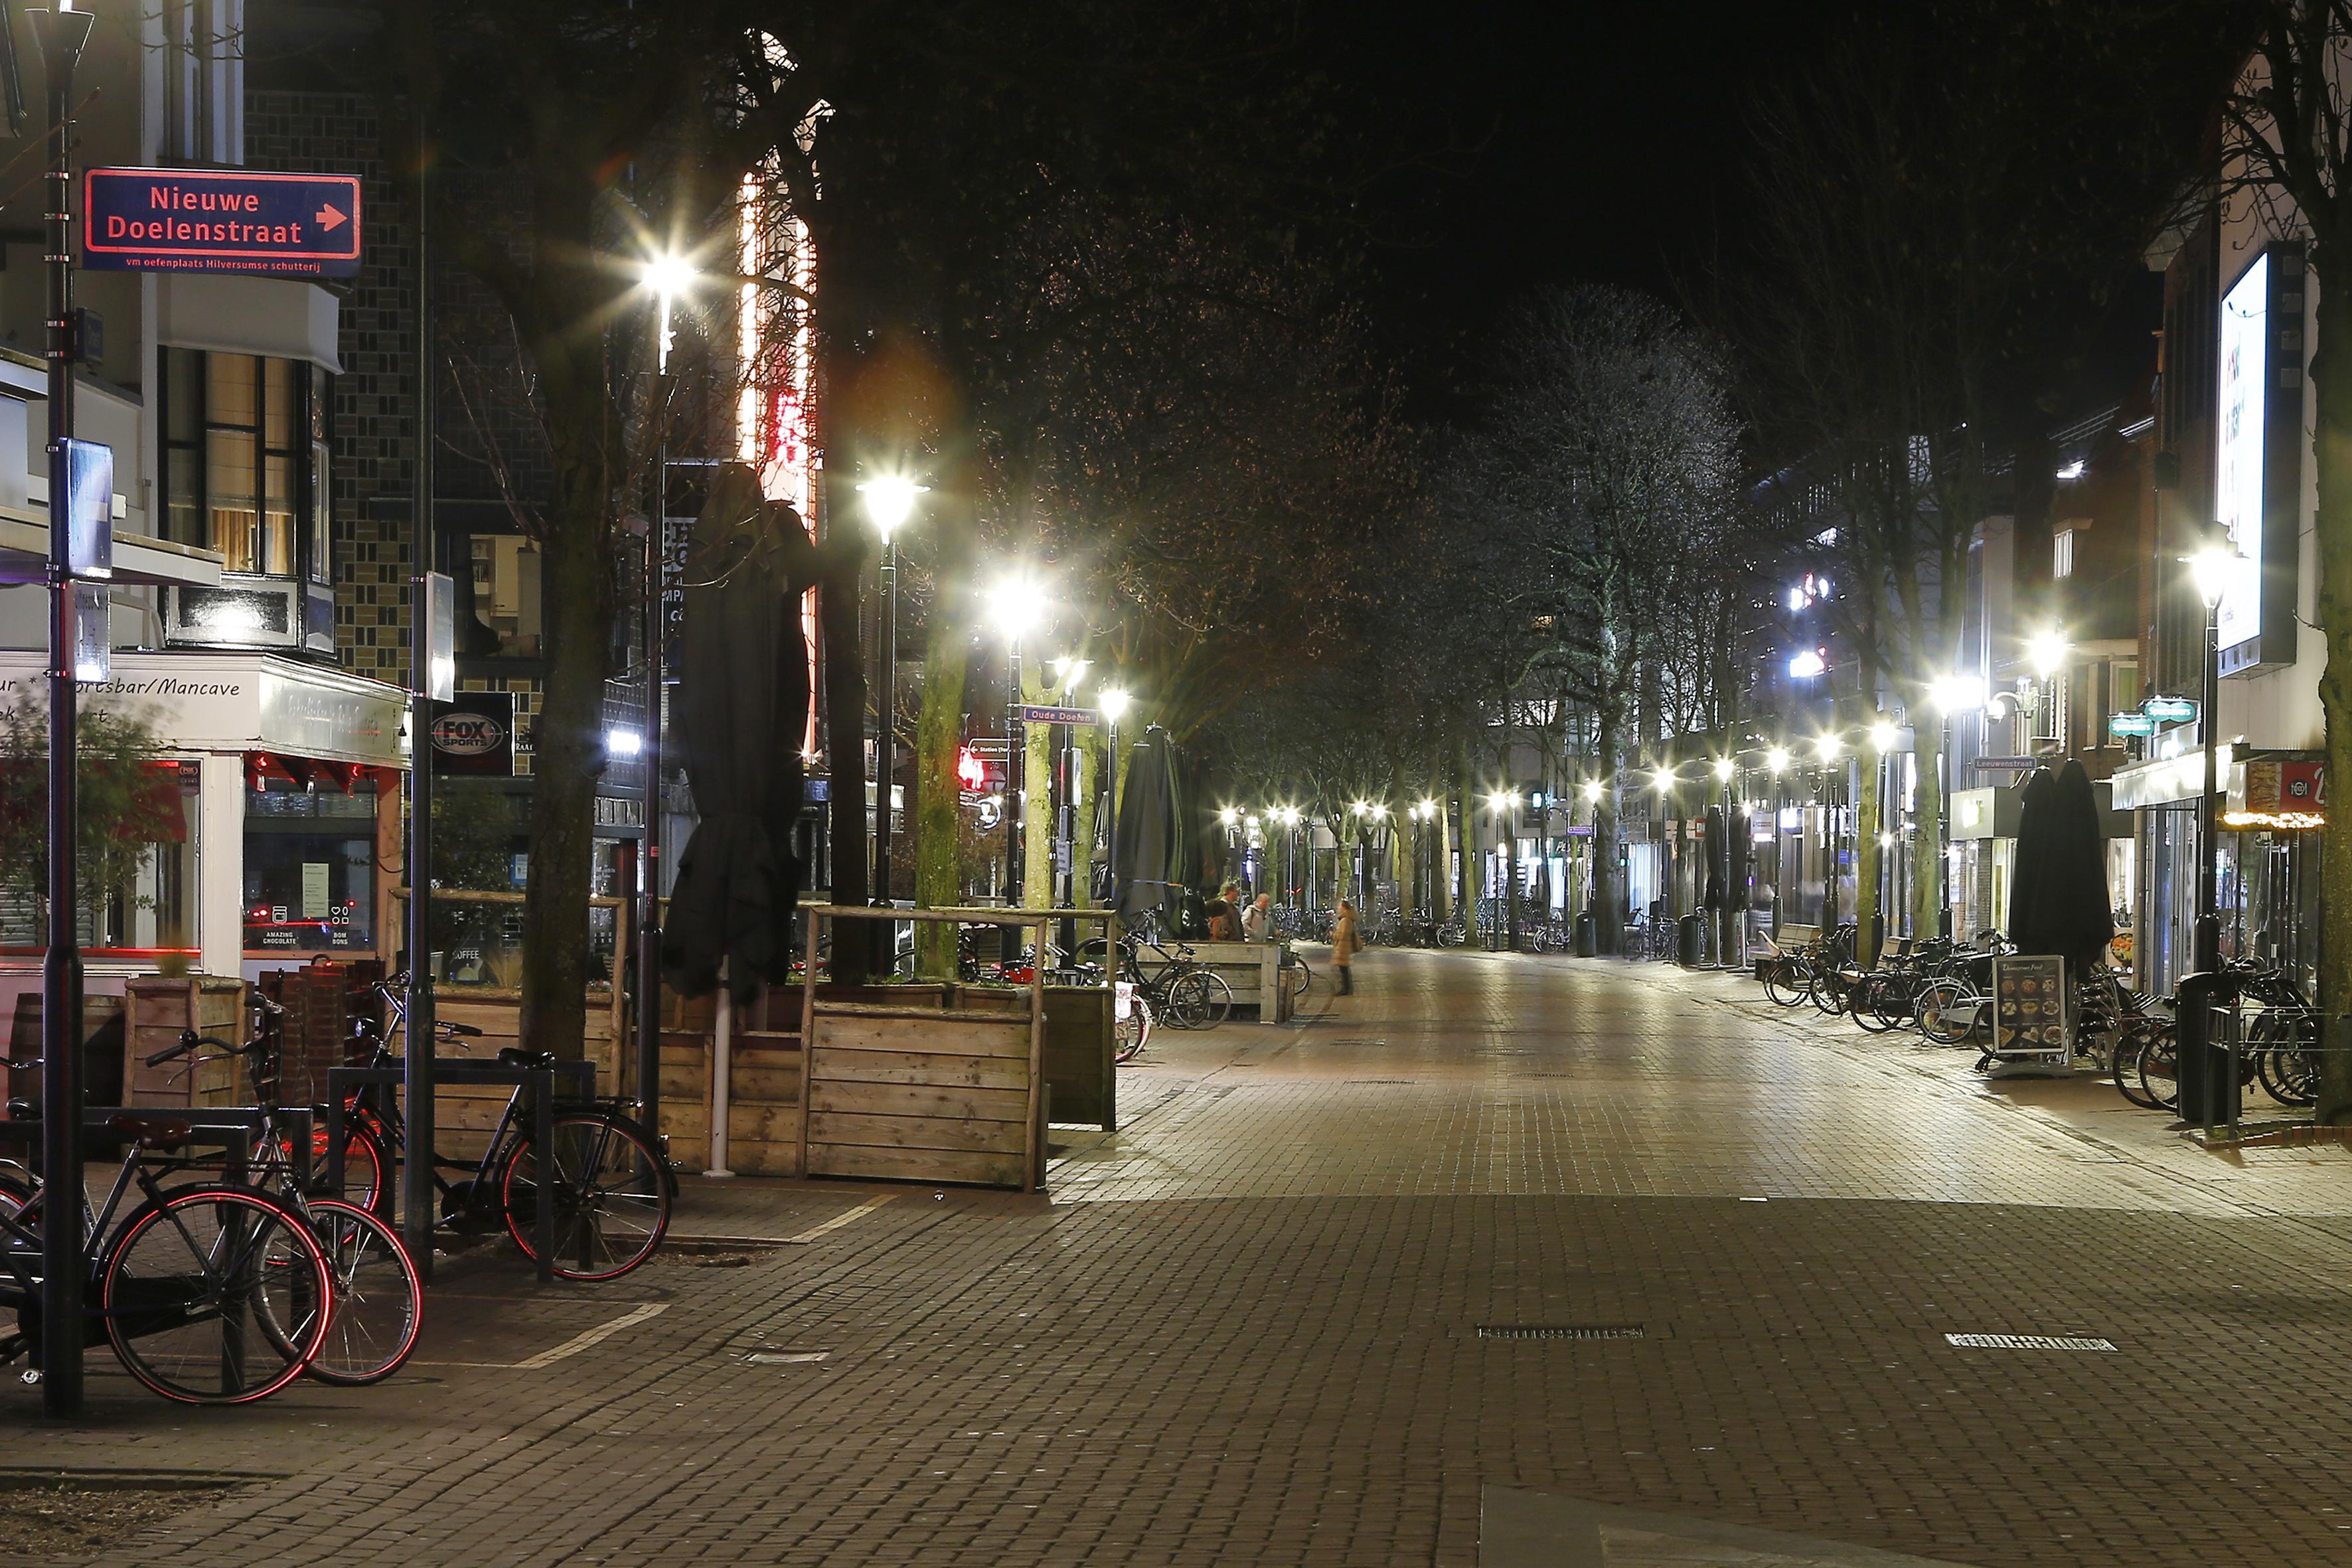 Uitgaansleven in Hilversum volkomen op z'n gat, geen kip meer op straat